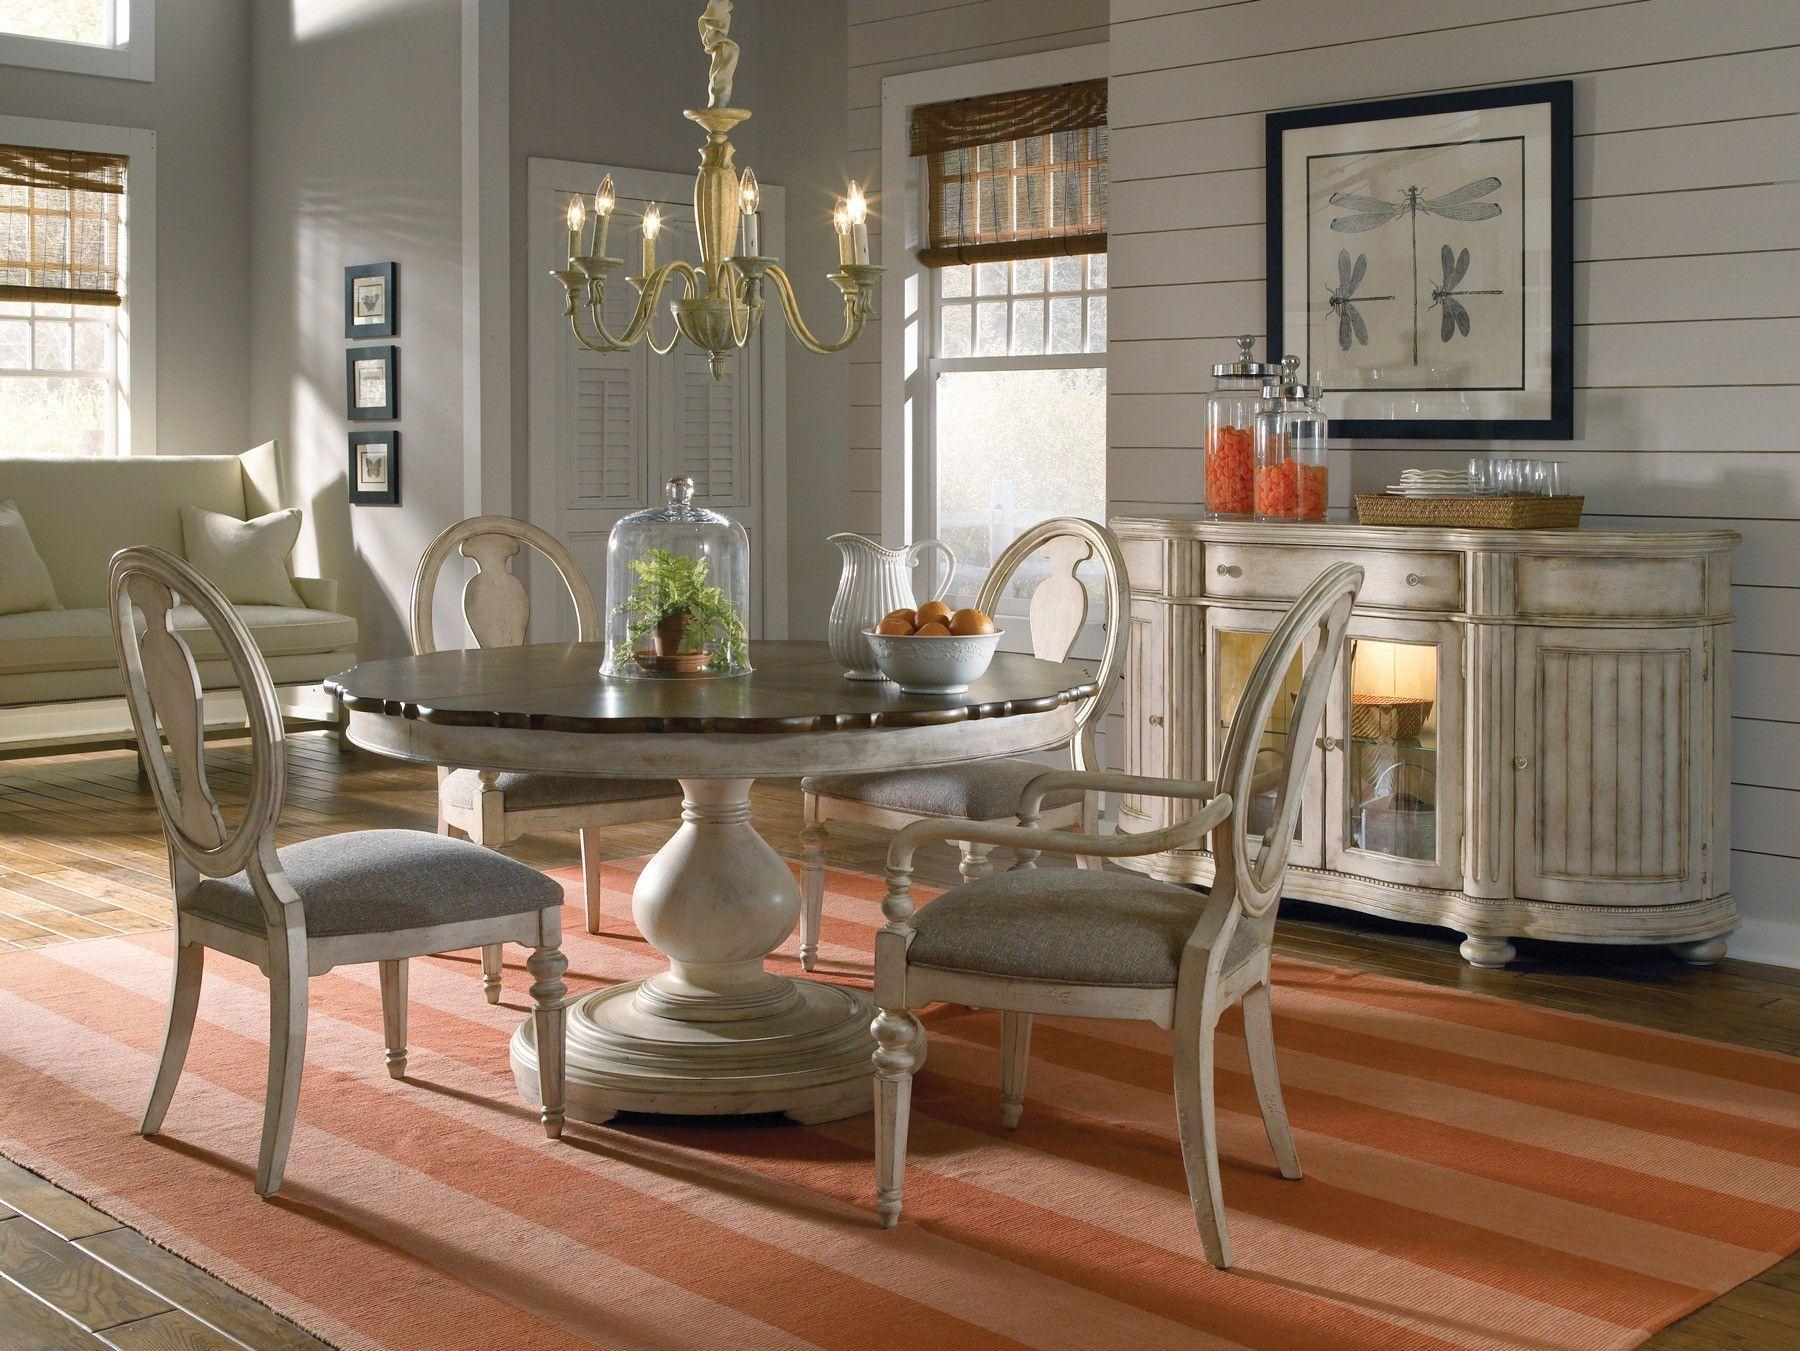 Esszimmertisch Prato Sessel Zum Ausziehen Haus Ideen